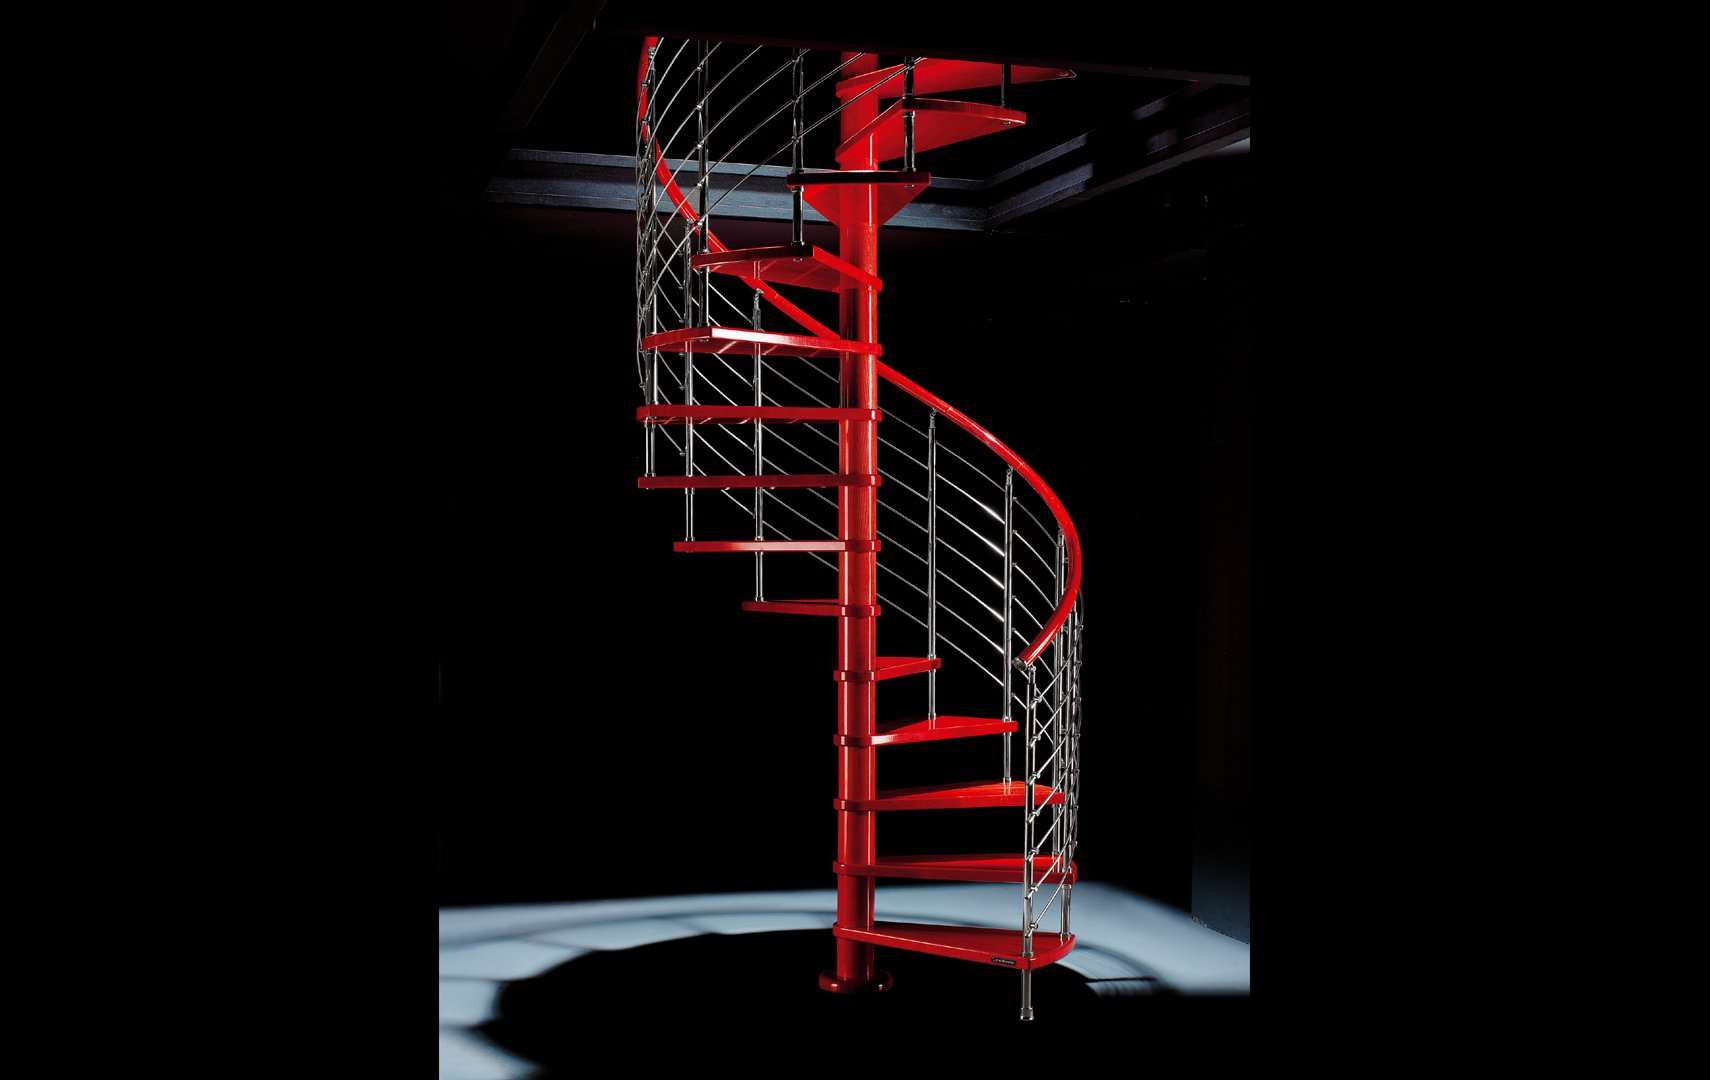 Disegnare Una Scala A Chiocciola ᐅ scale a chiocciola e scale elicoidali. scaletta a